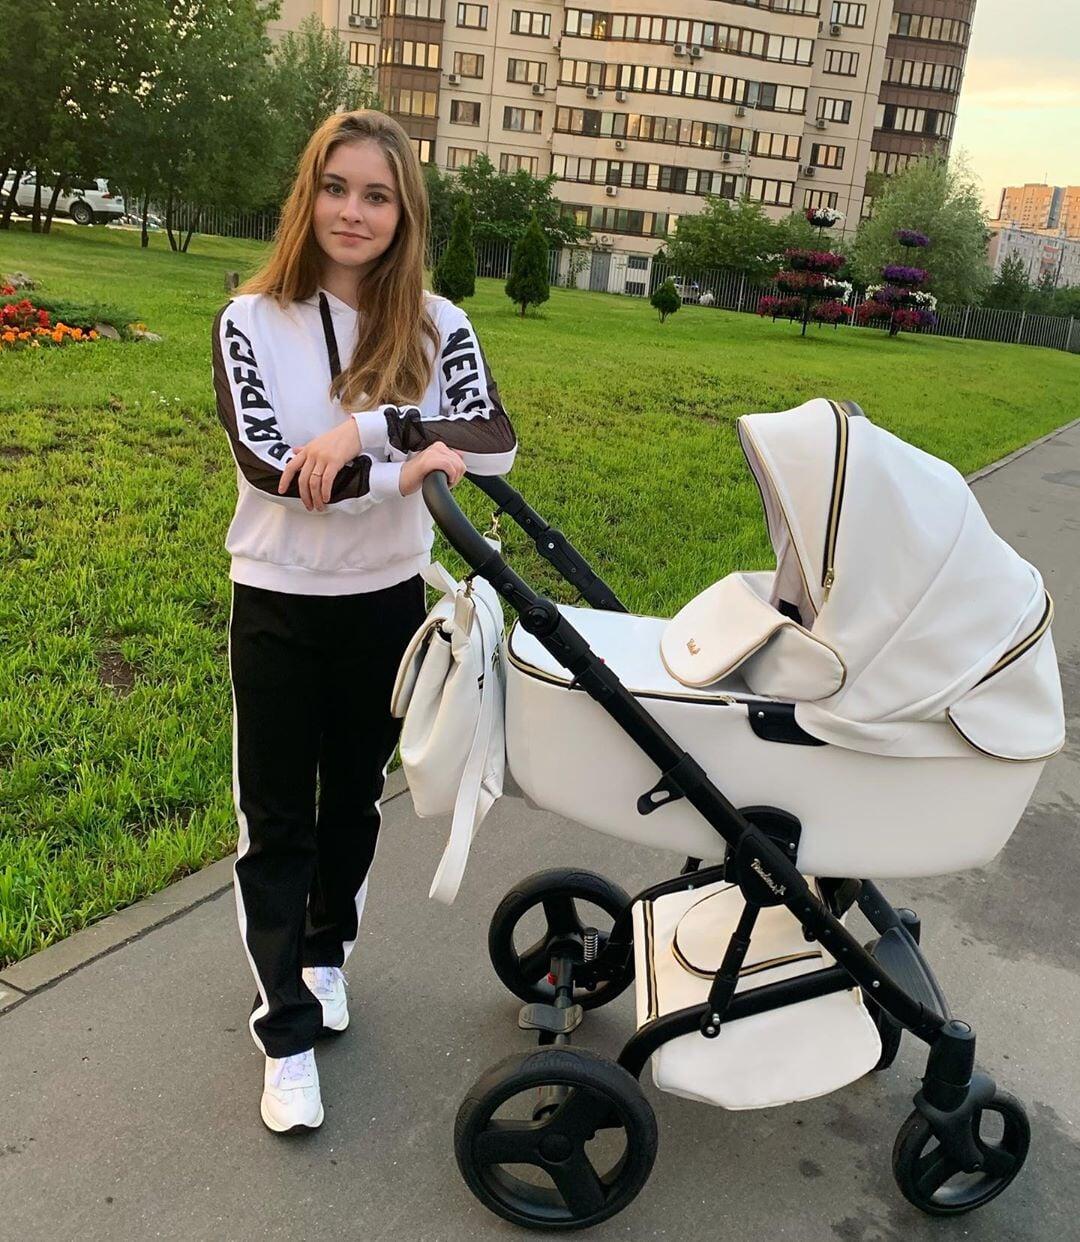 Липницкая показала фото с прогулки с дочерью